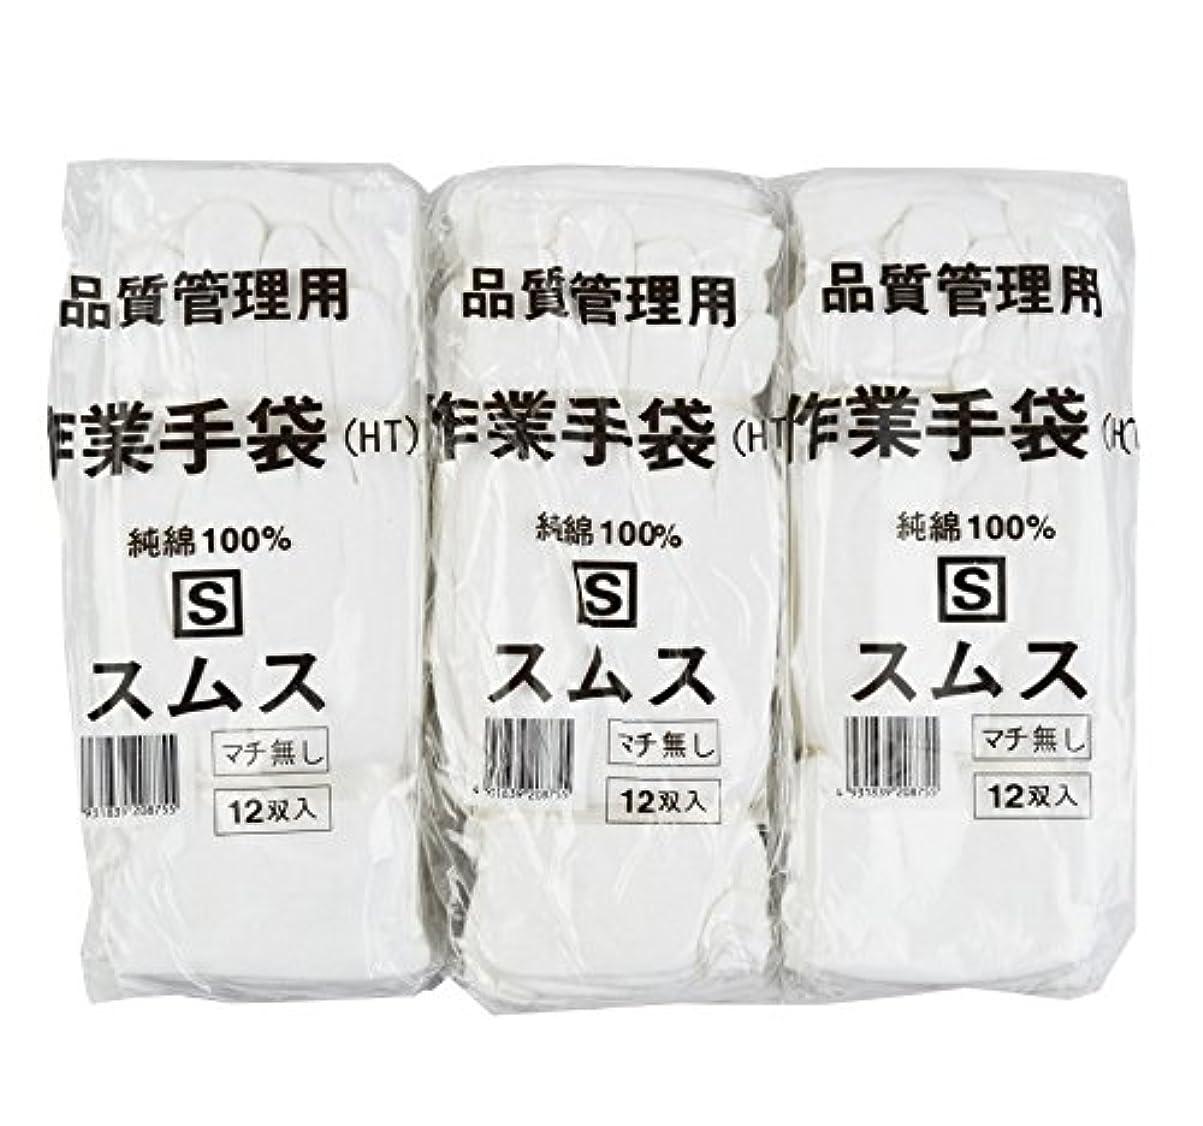 モードソケットなに【お得なセット売り】 (36双) 純綿100% スムス 手袋 Sサイズ 12双×3袋セット 女性に最適 多用途 101114